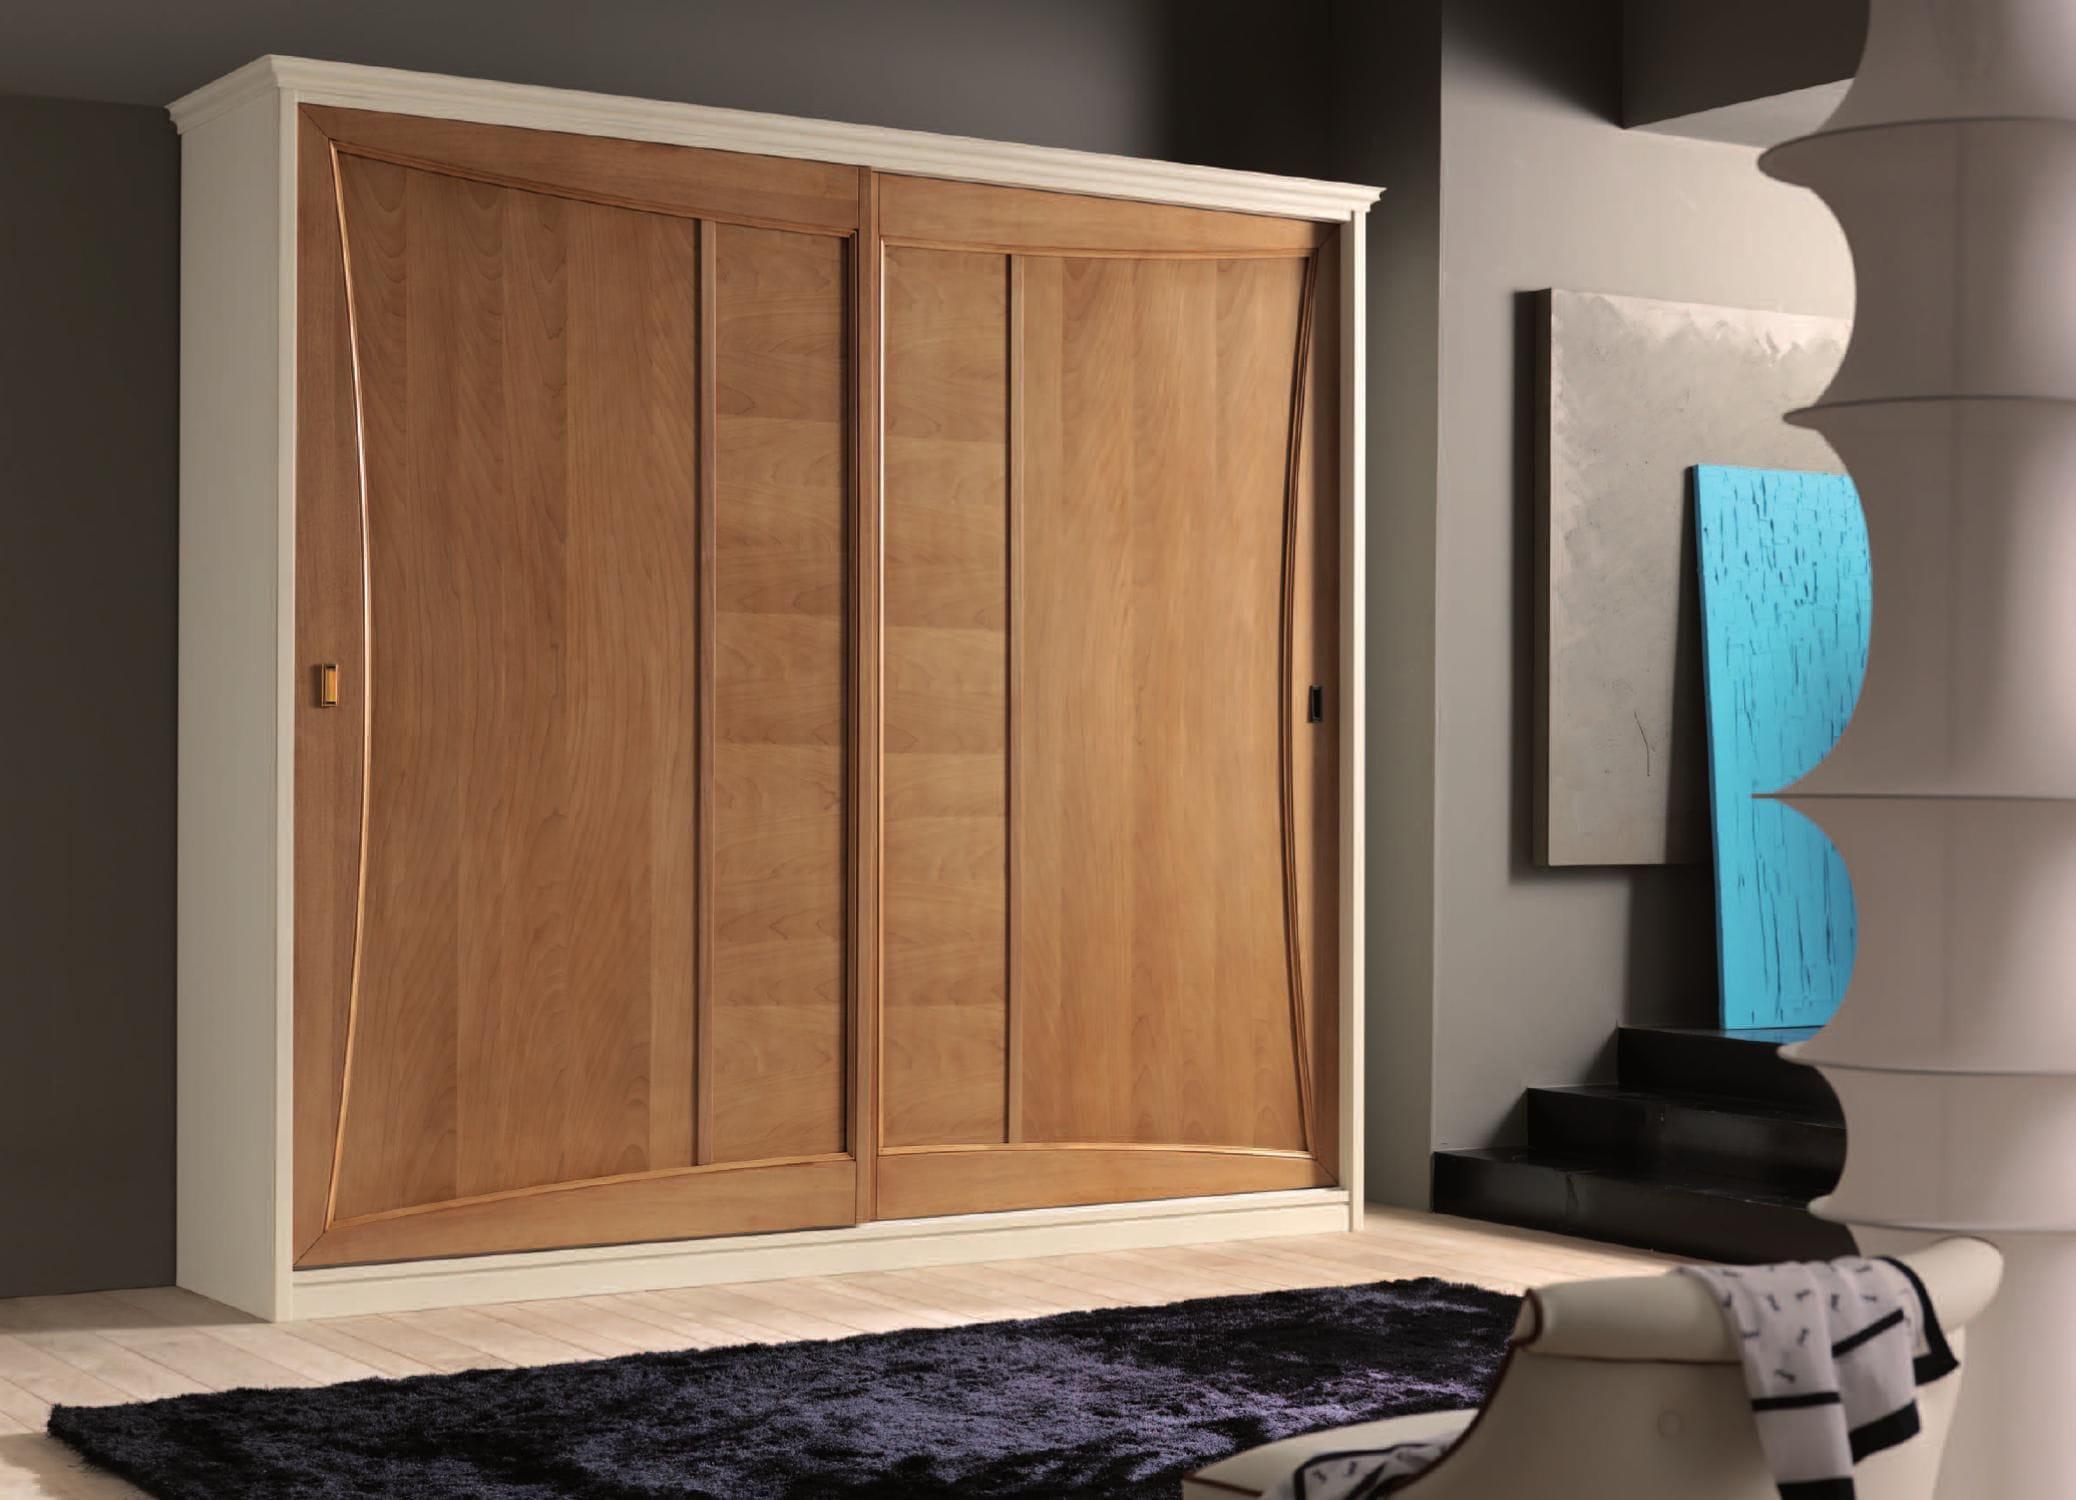 Armoire classique en bois en bois laqué avec porte